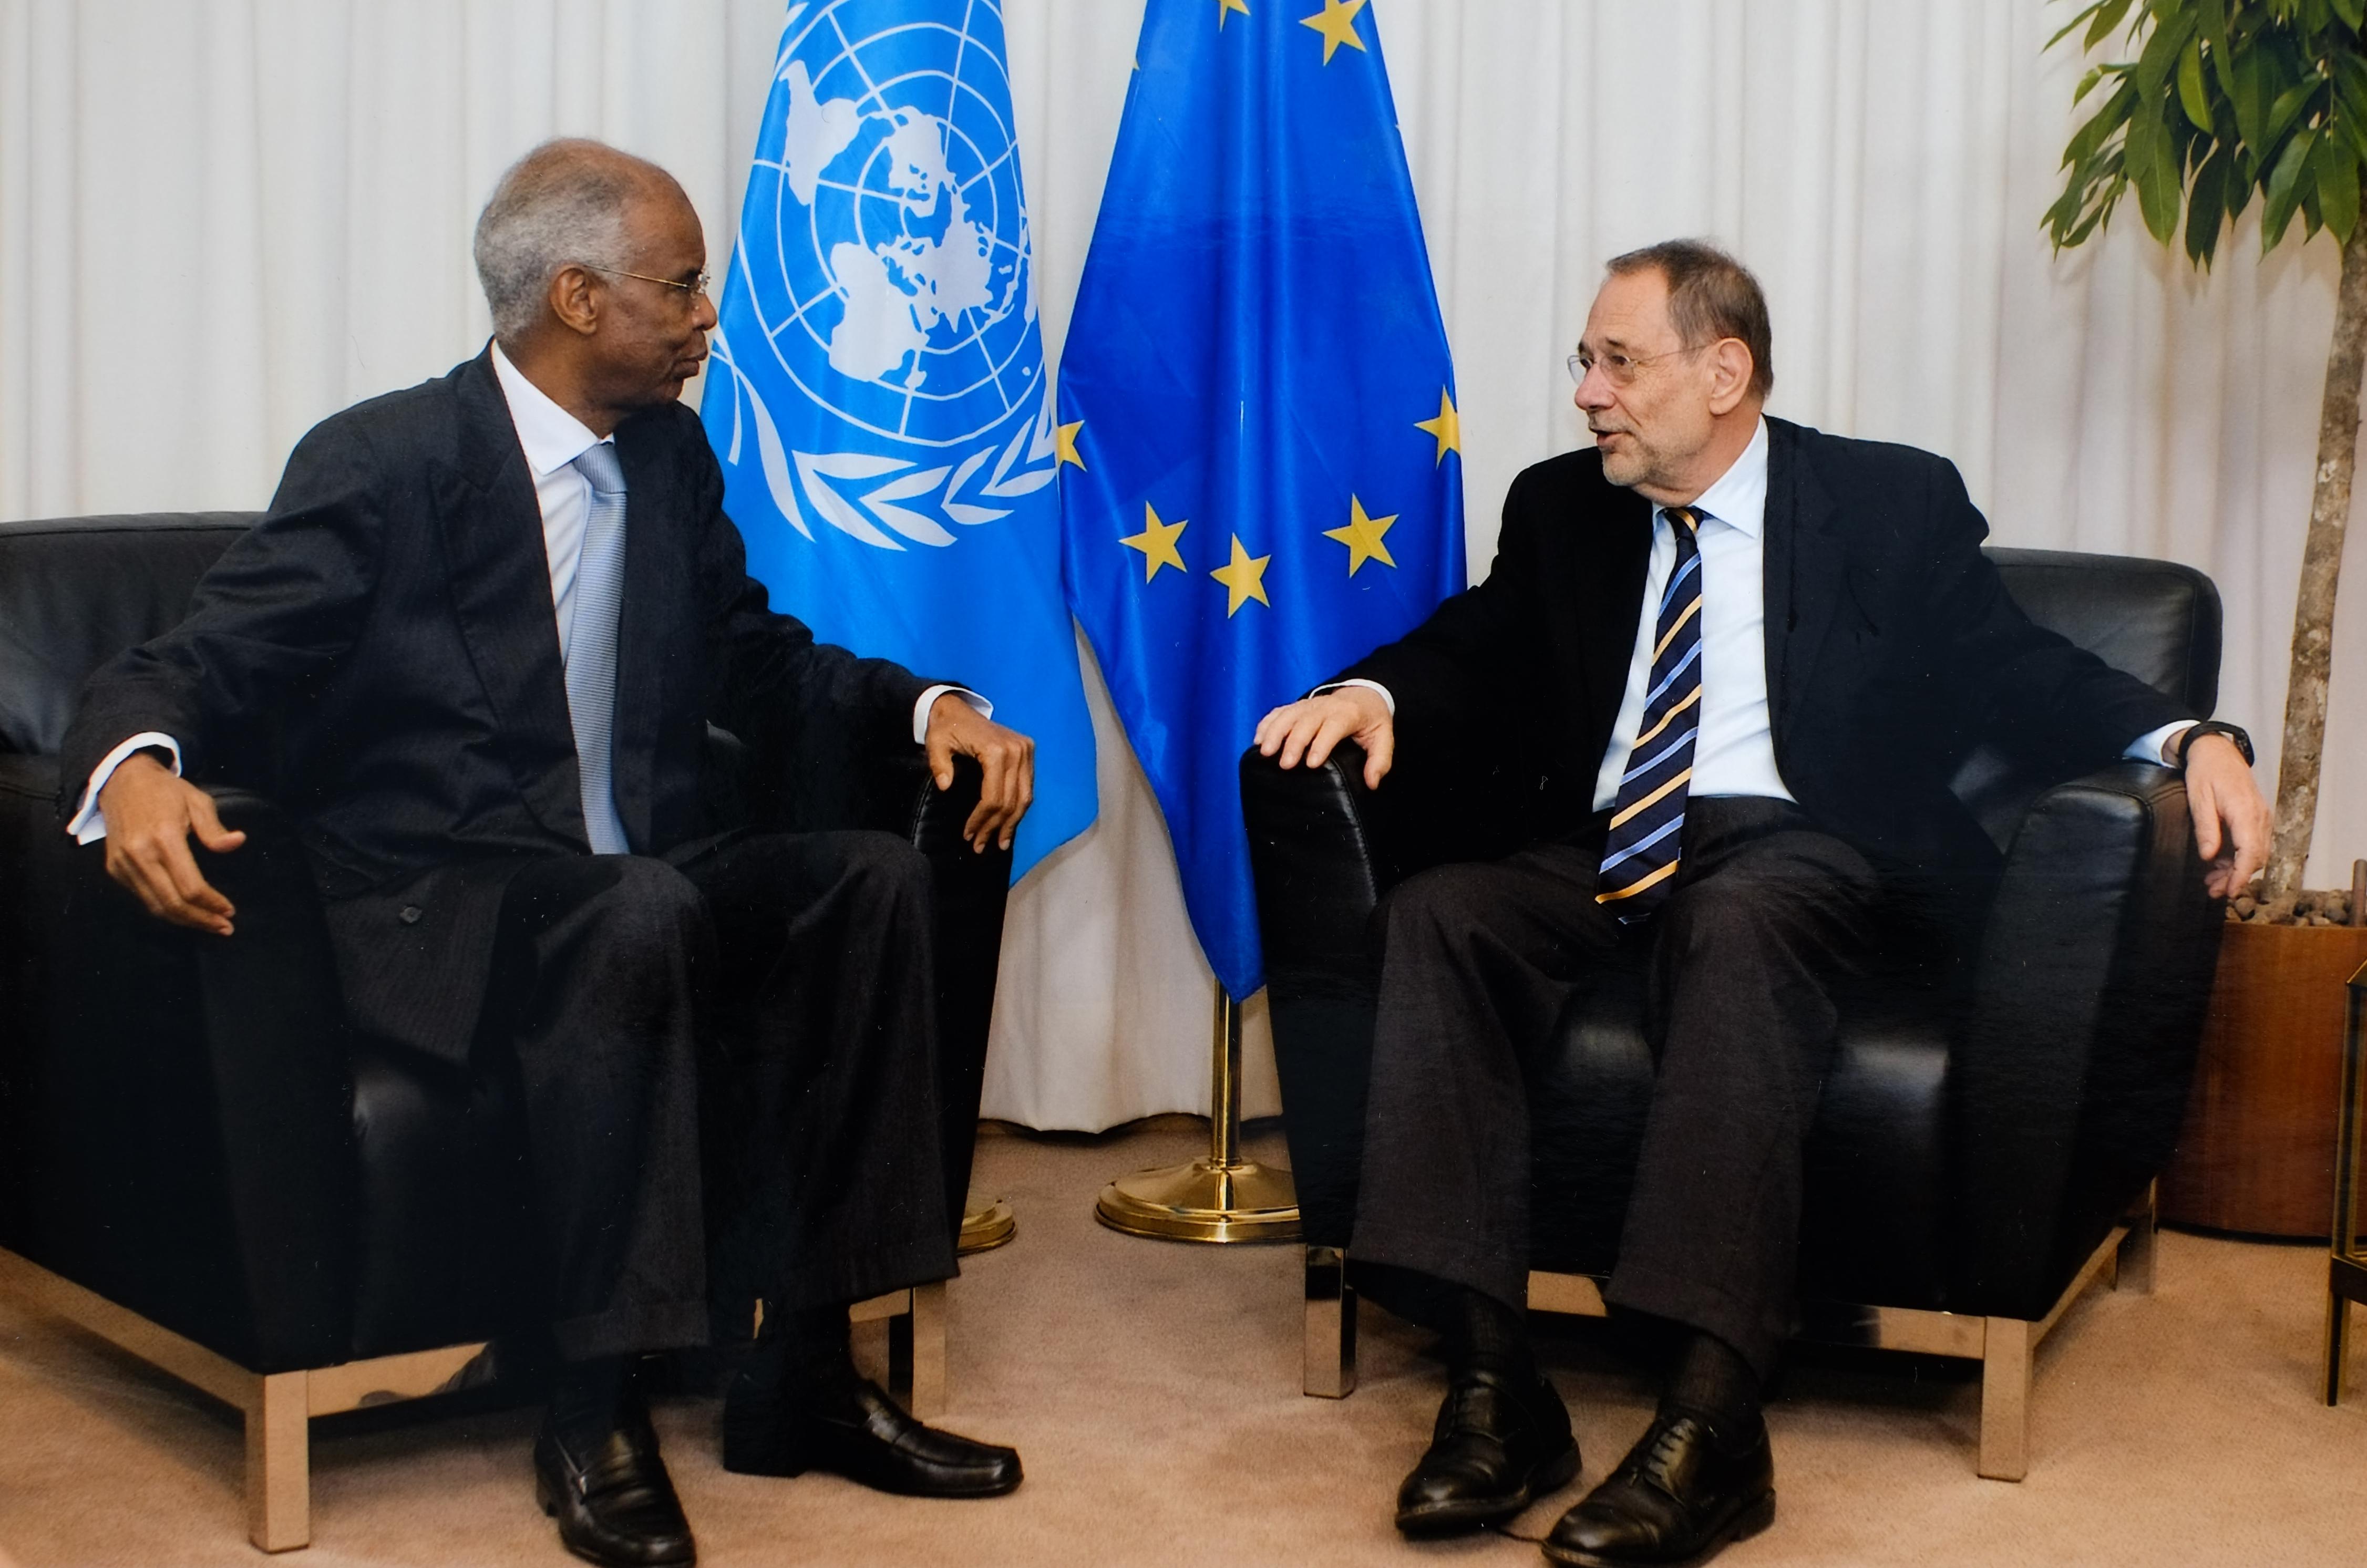 Avec J. Solana UE Bruxelles